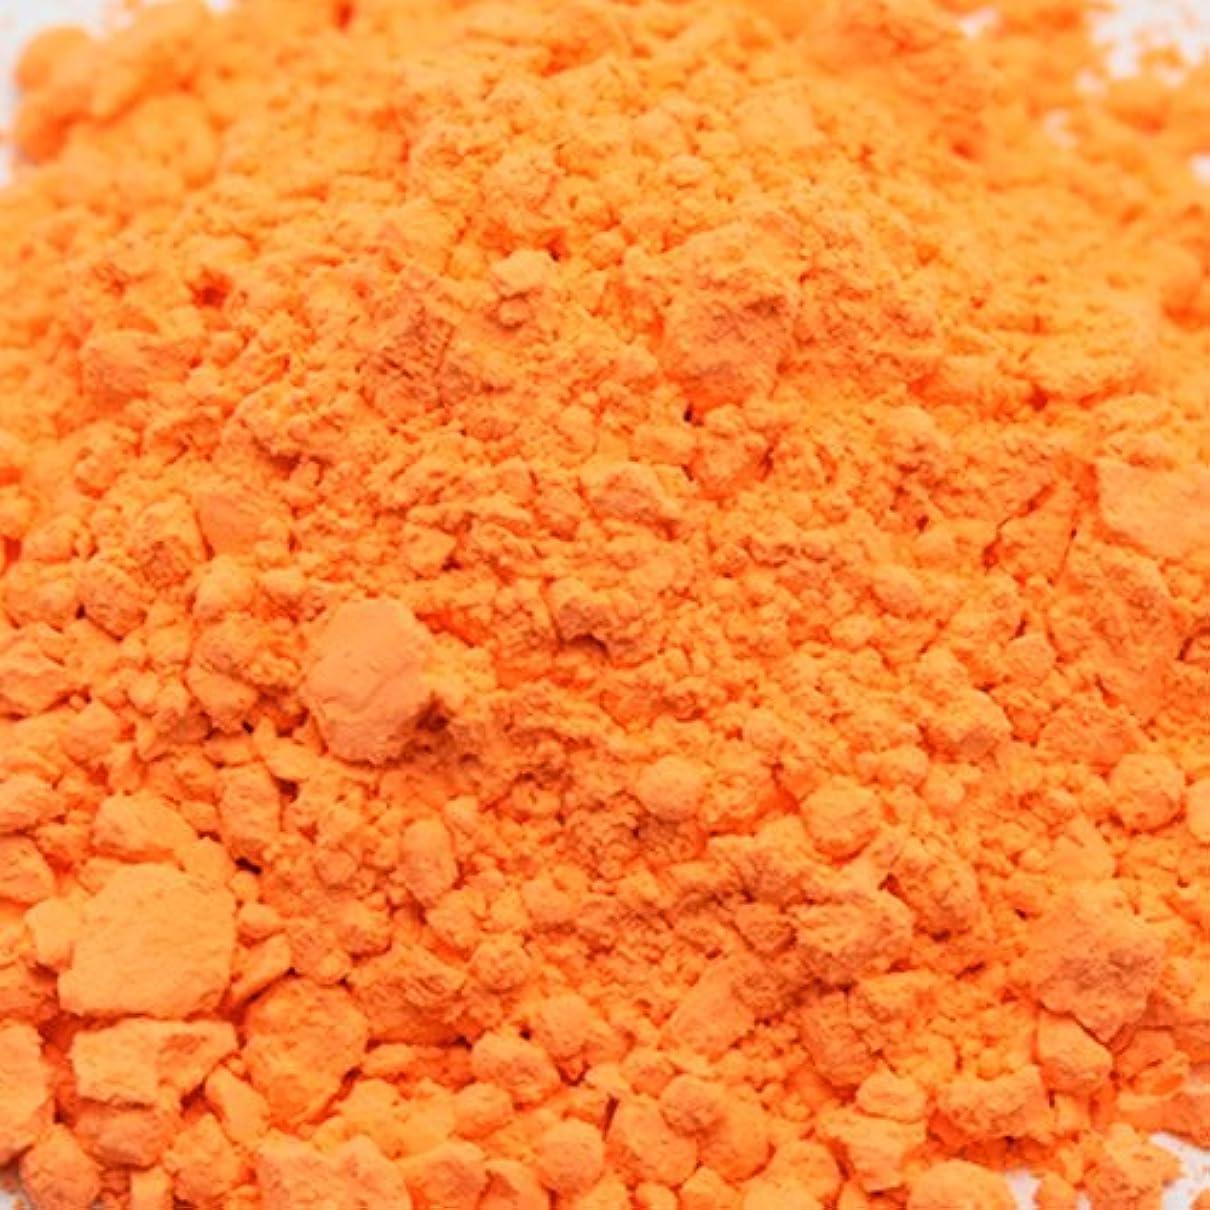 繊毛不十分な珍しいキャンディカラー オレンジ 5g 【手作り石鹸/手作りコスメ/色付け/カラーラント/オレンジ】